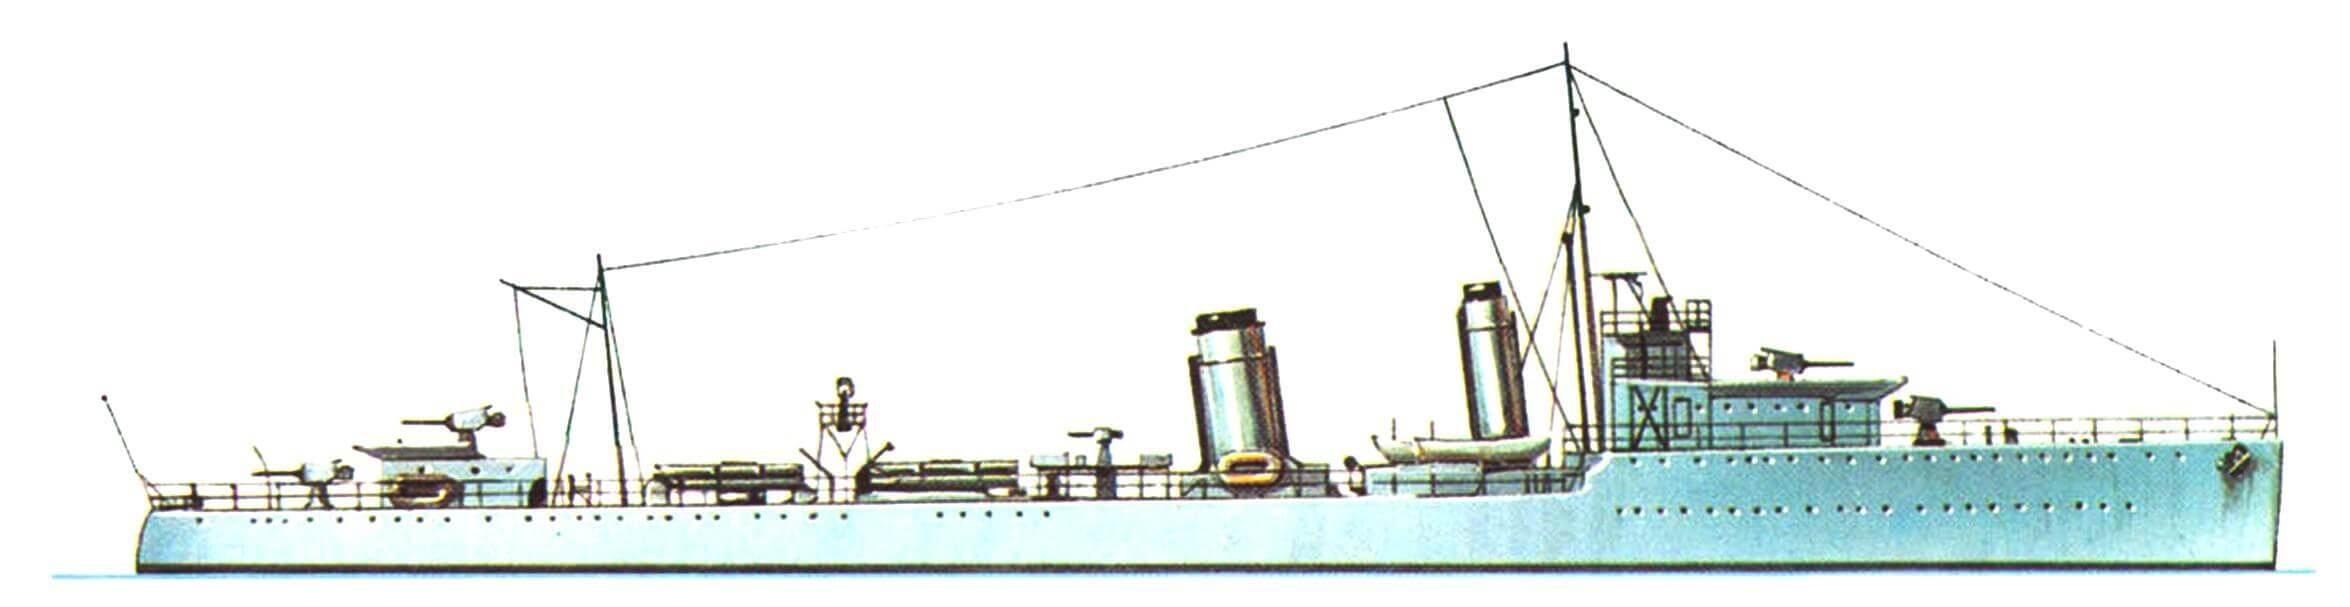 174. Эскадренный миноносец «Вэндерер», Англия, 1919 г.